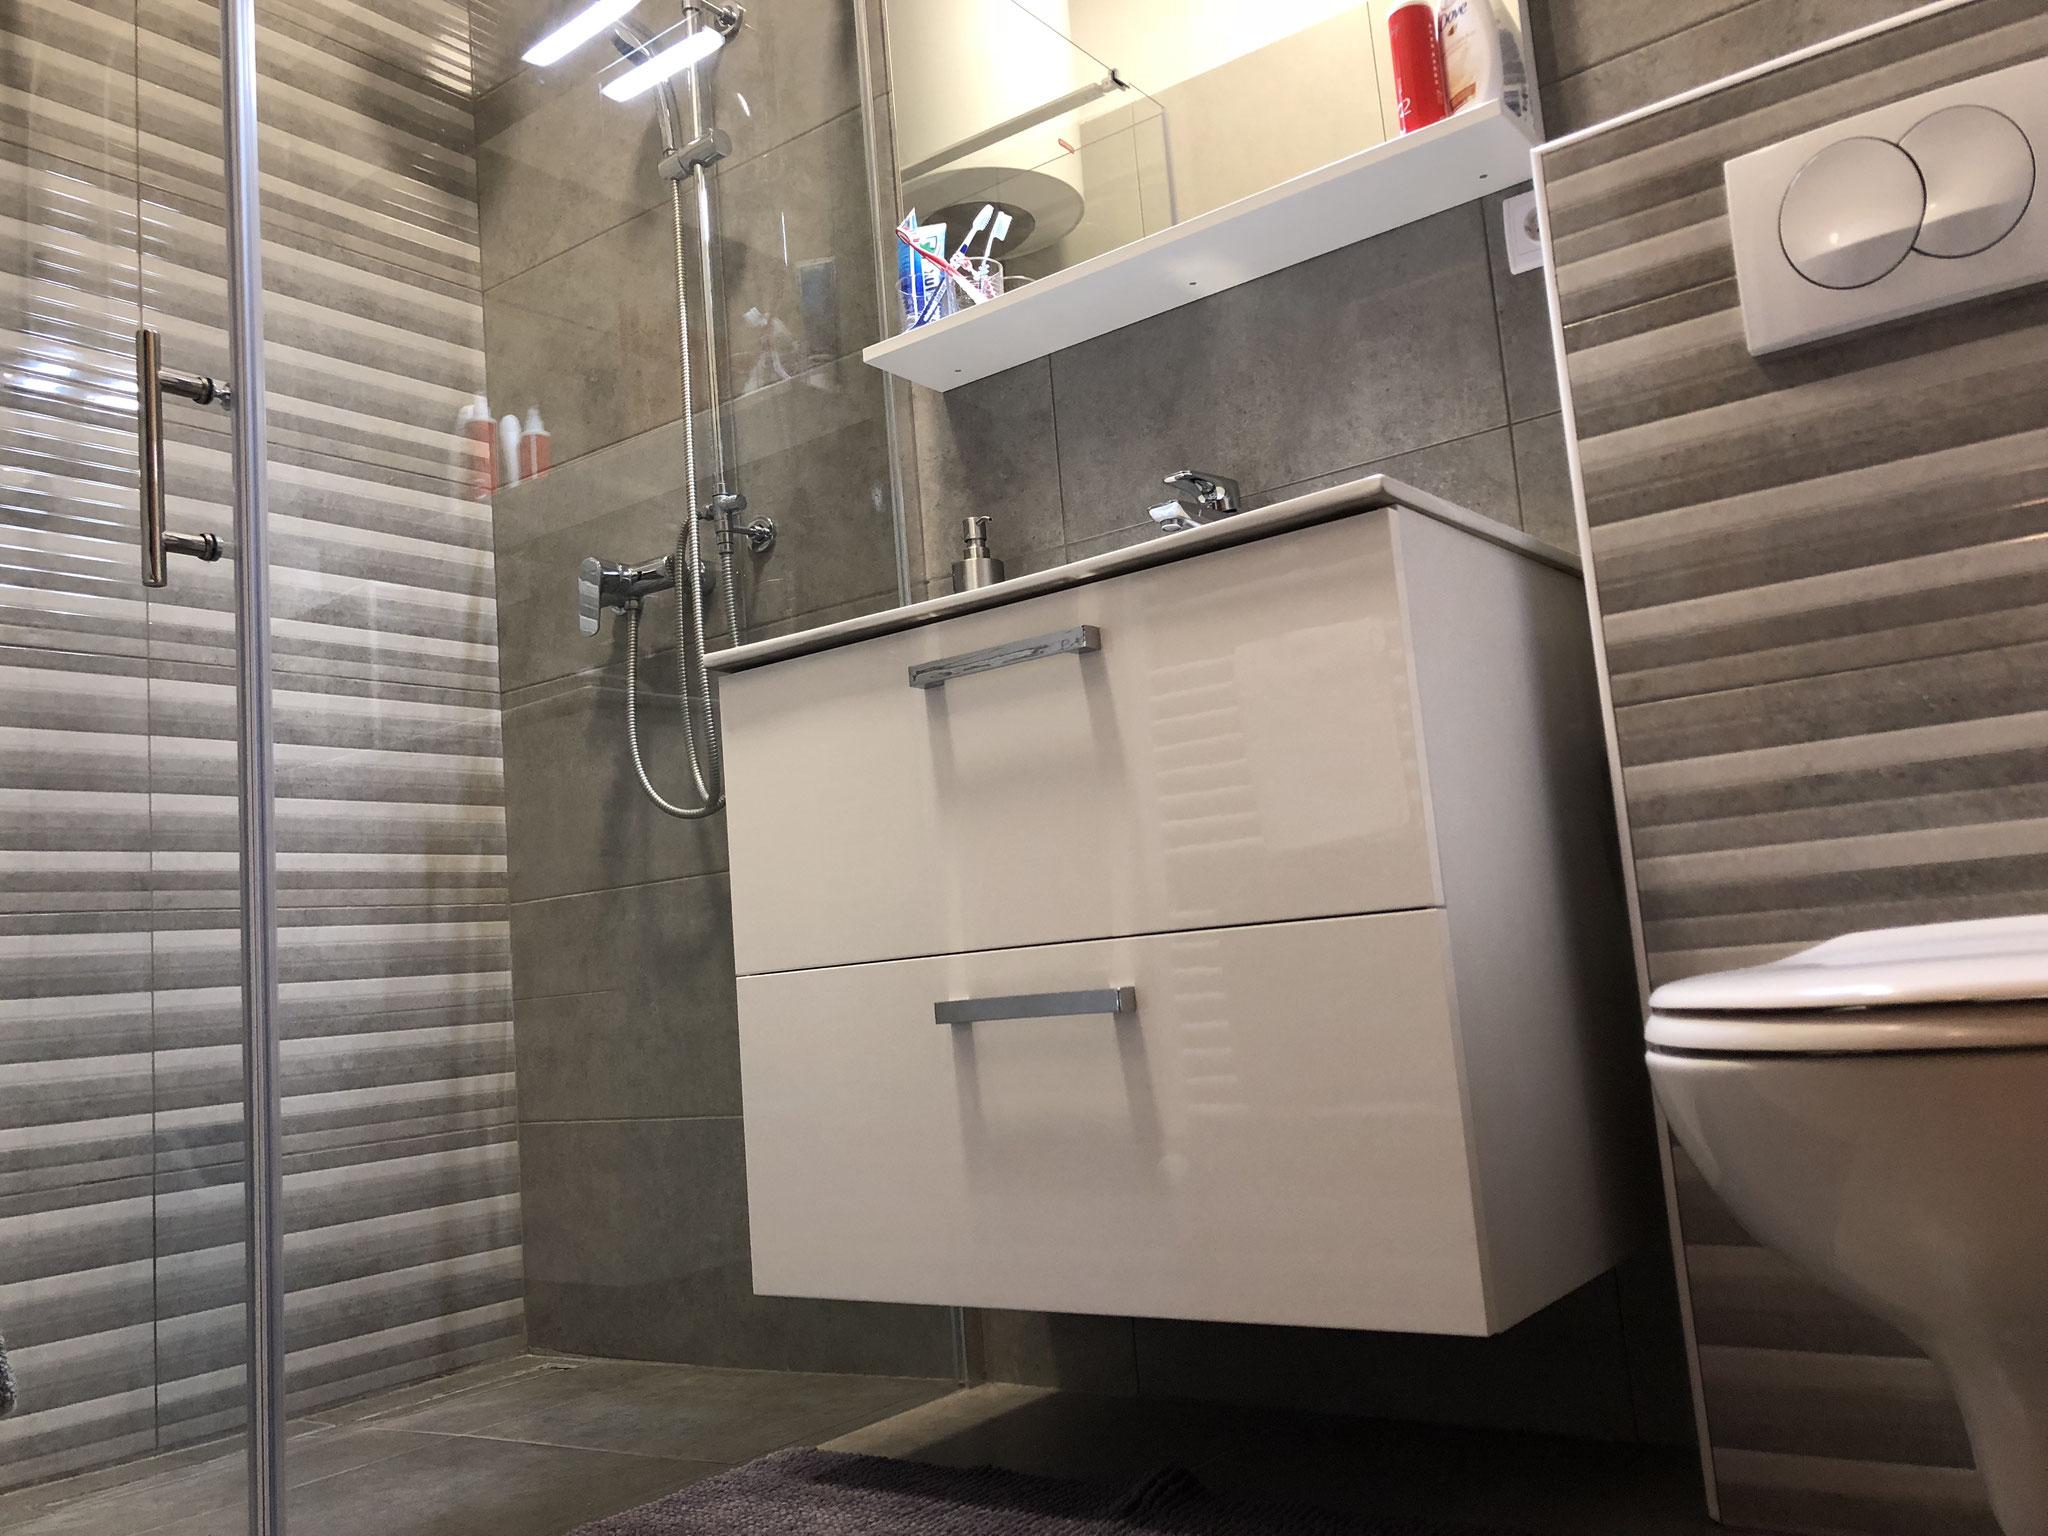 Dusche ebenerdig, WC, Waschbecken, 2018 renoviert.